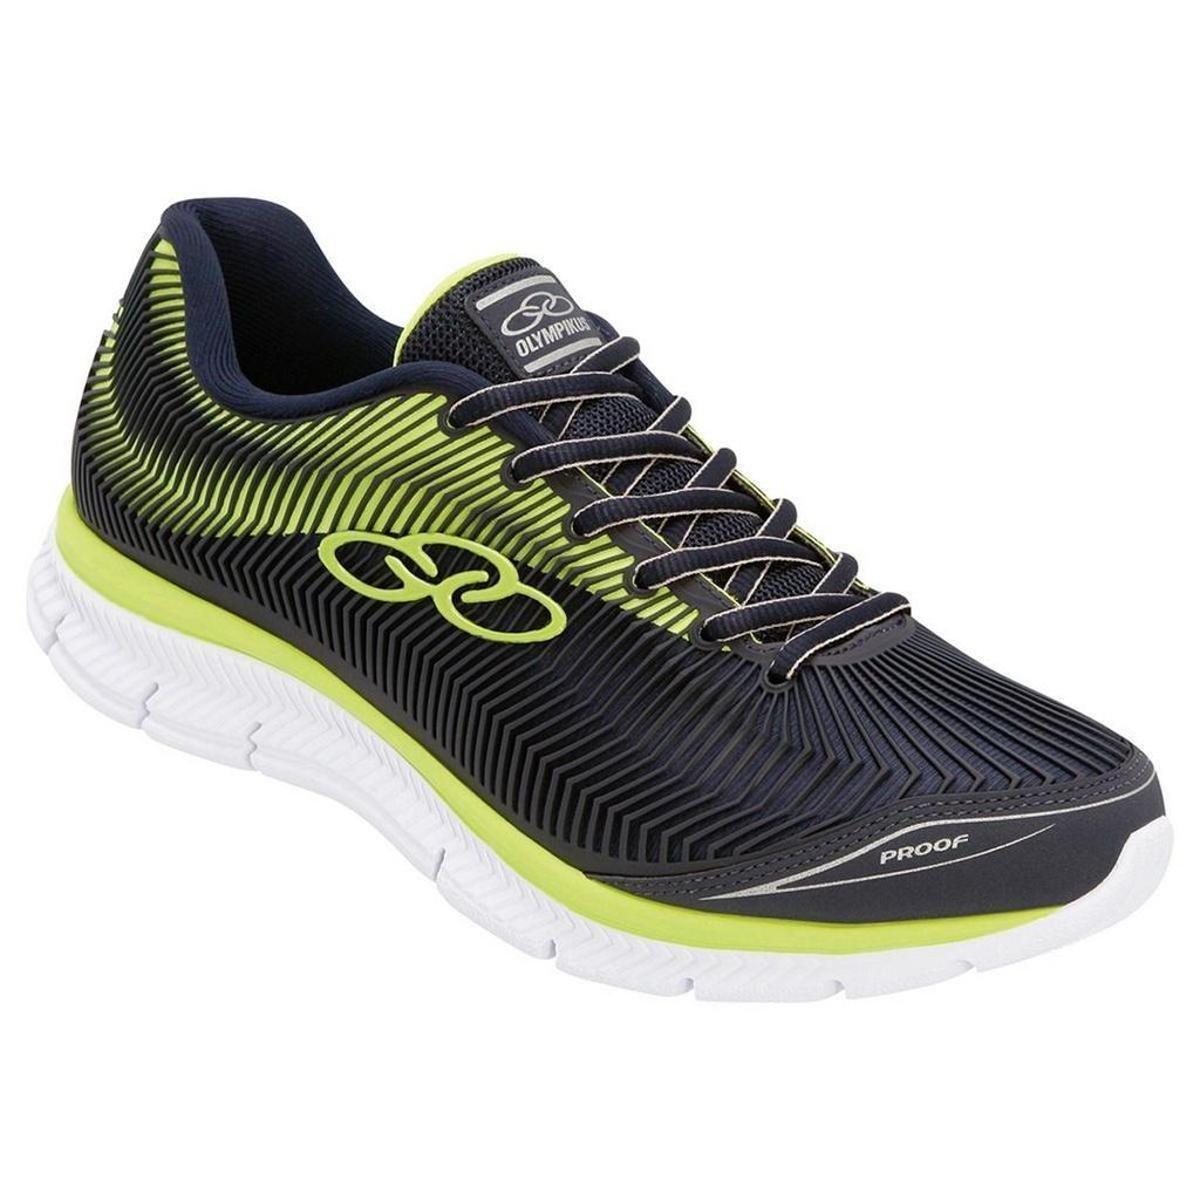 7f838c2e0b1 Tênis Olympikus Proof Masculino - Marinho e Verde Limão - Compre Agora